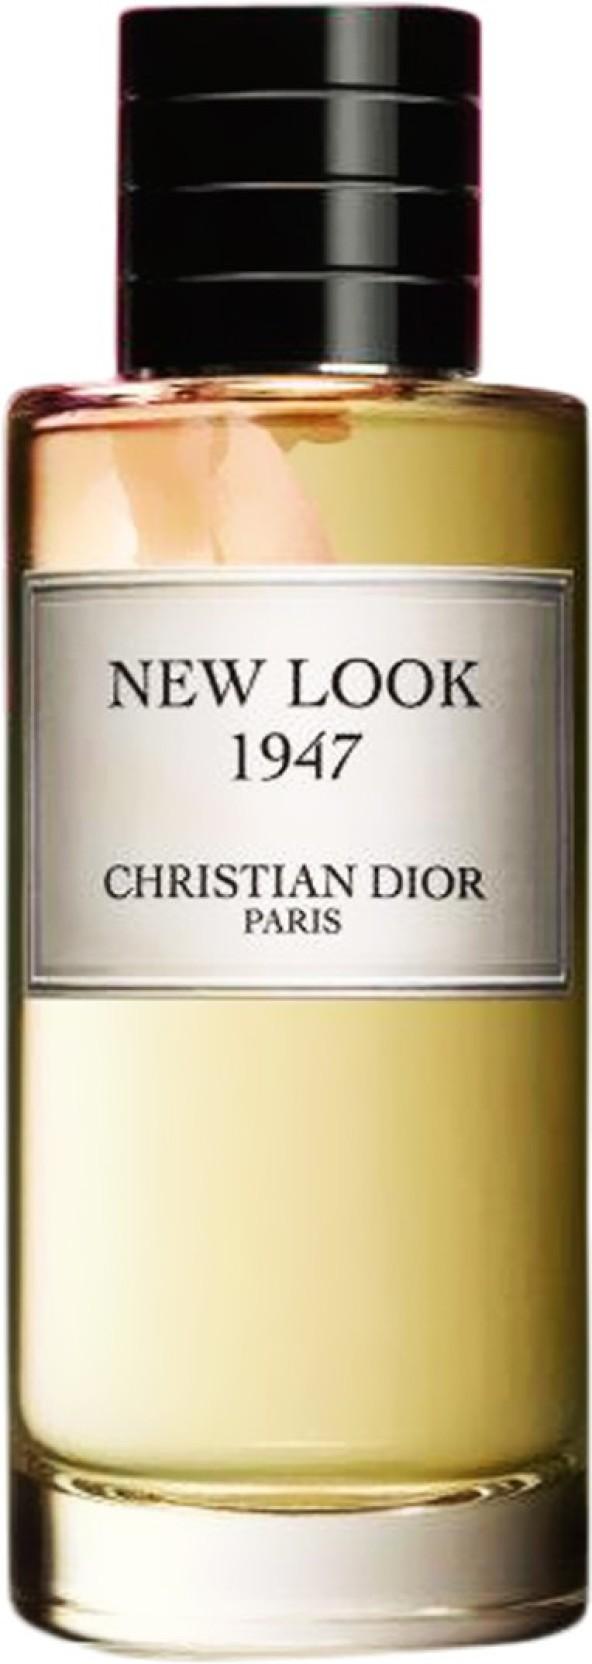 Buy Christian Dior New Look 1947 Eau De Parfum 250 Ml Online In